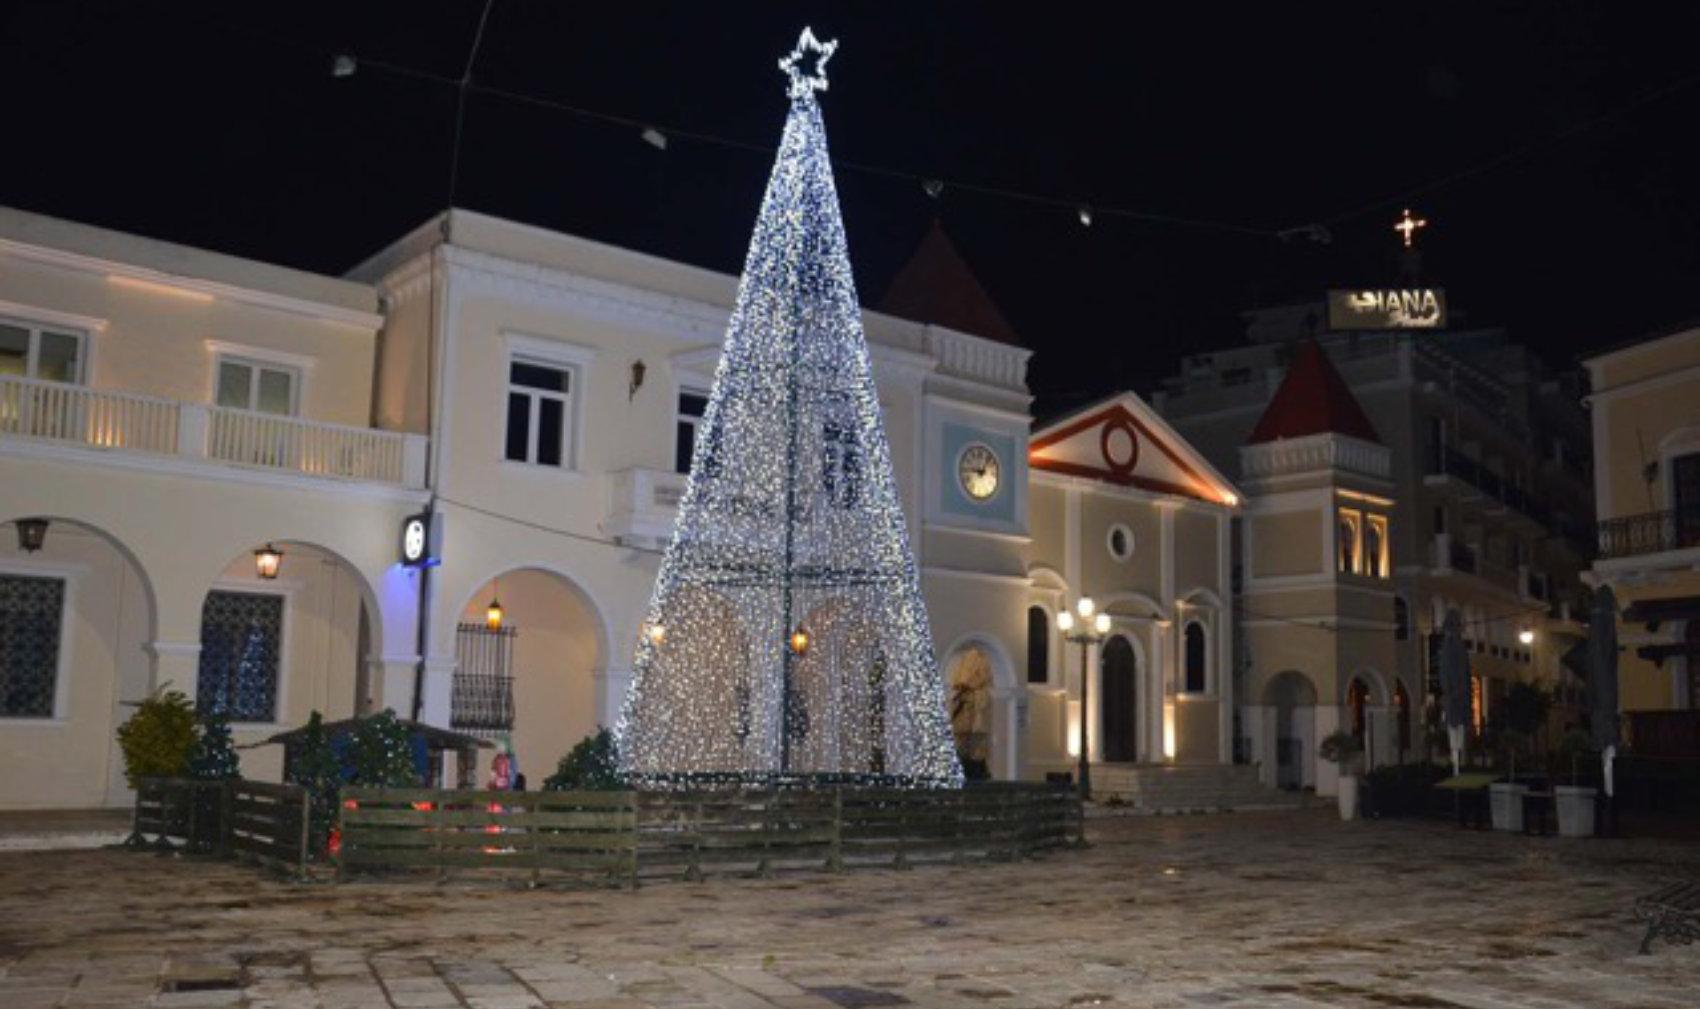 Το Χριστουγεννιάτικο δέντρο της παλιάς πλατείας.